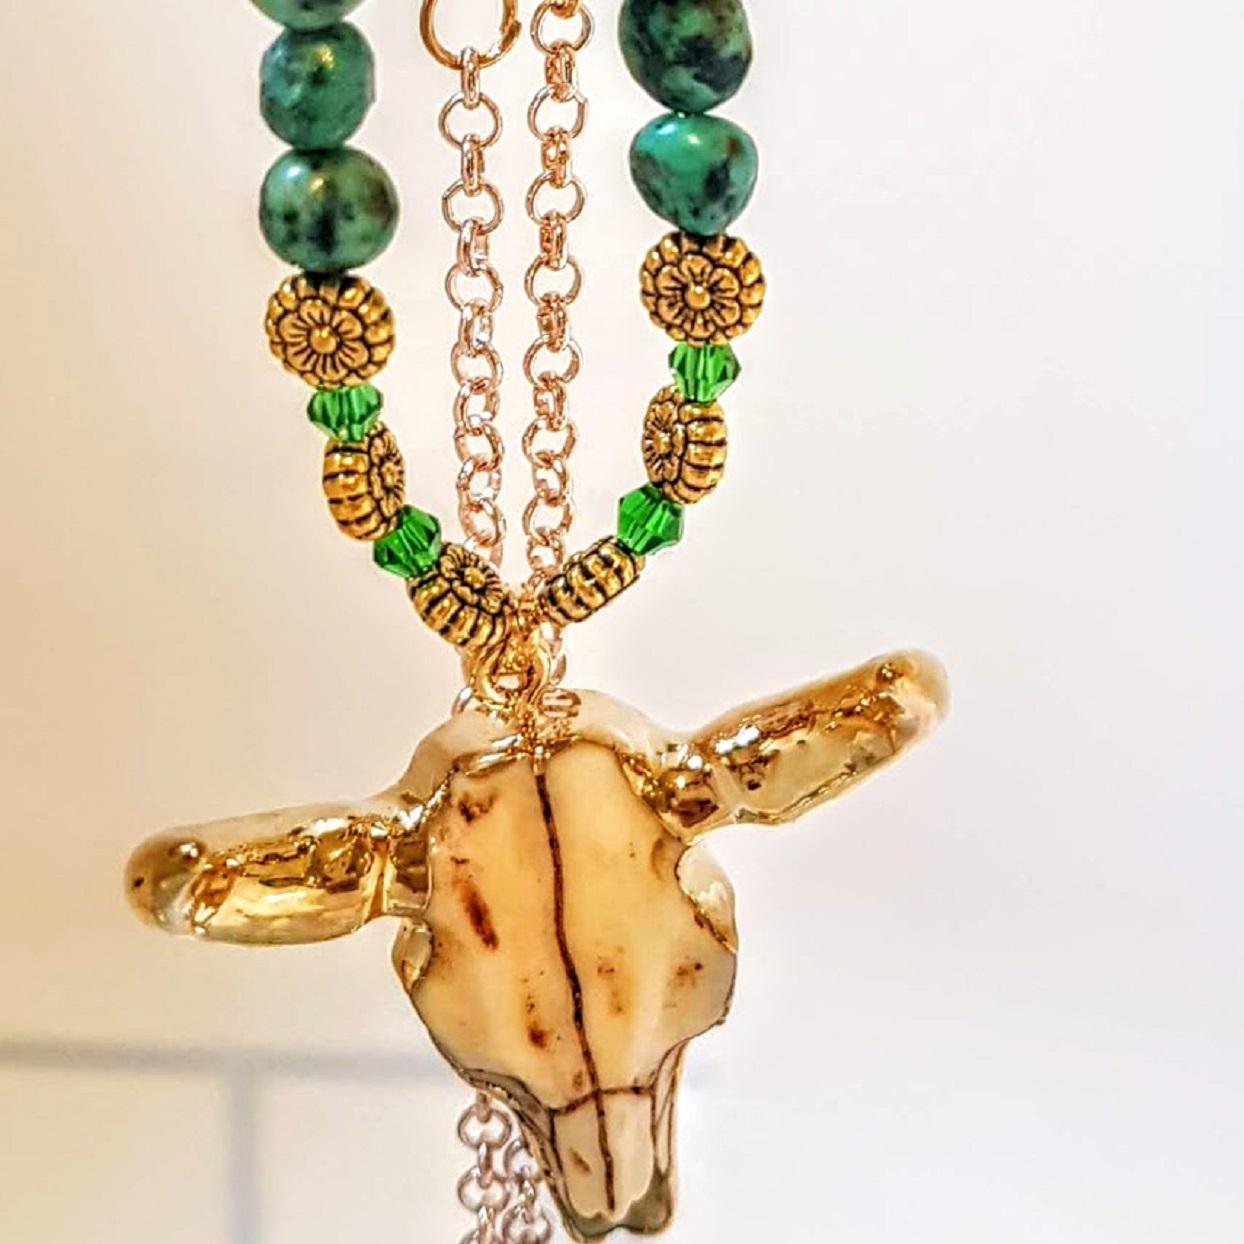 Handmade Turquoise Stone & Crystal Boho Skull Necklace